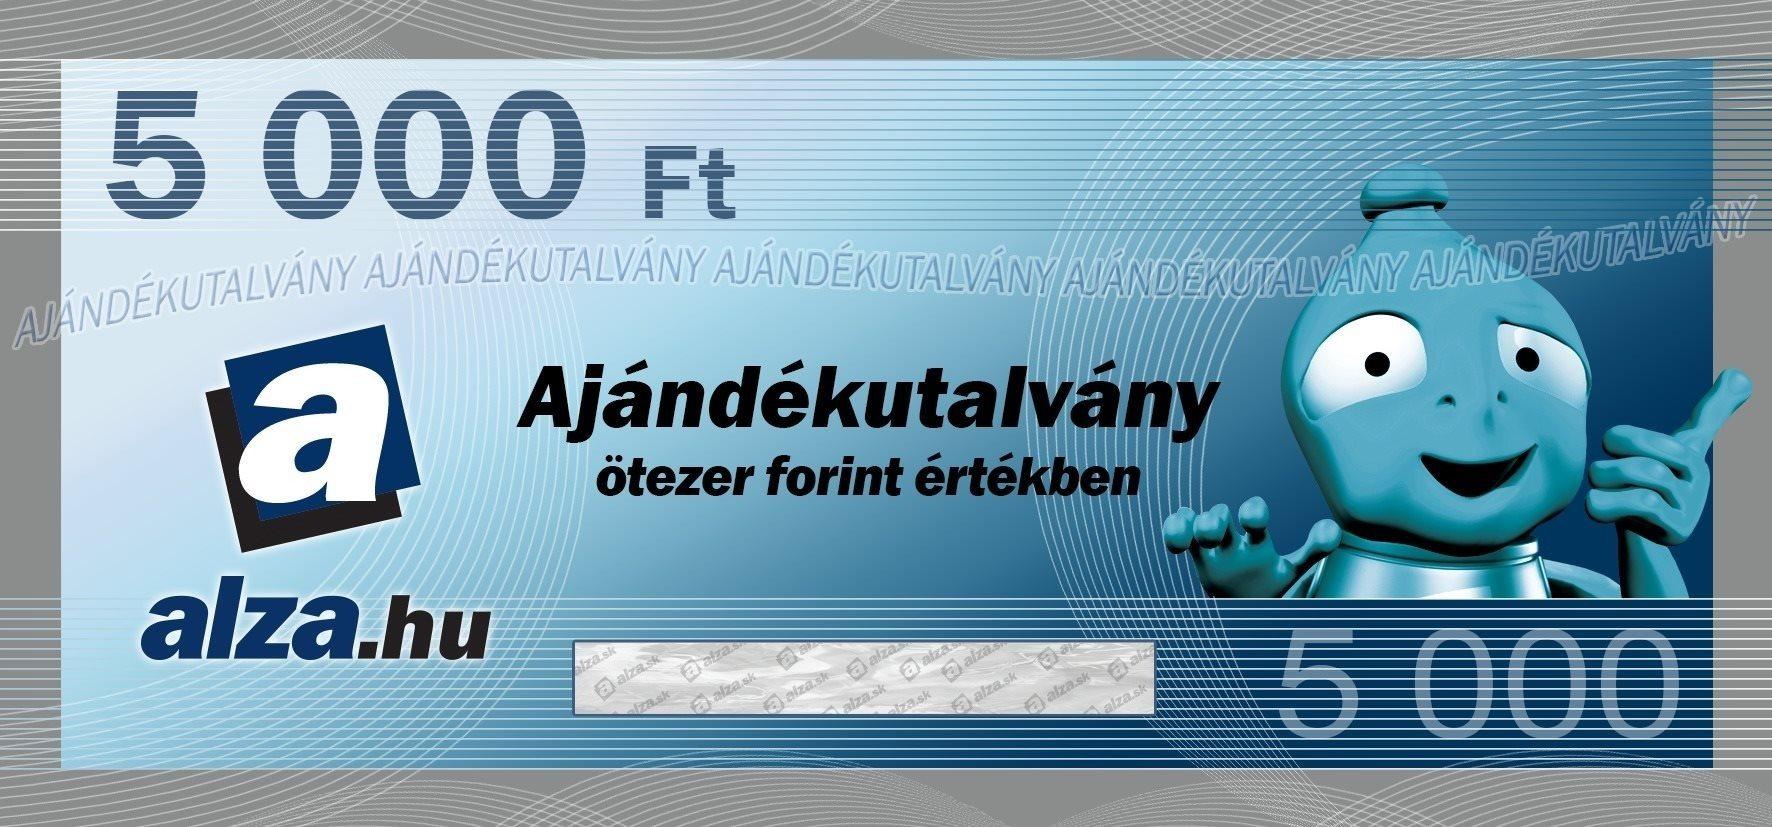 Elektronikus Alza.hu ajándékutalvány 5000 Ft értékben